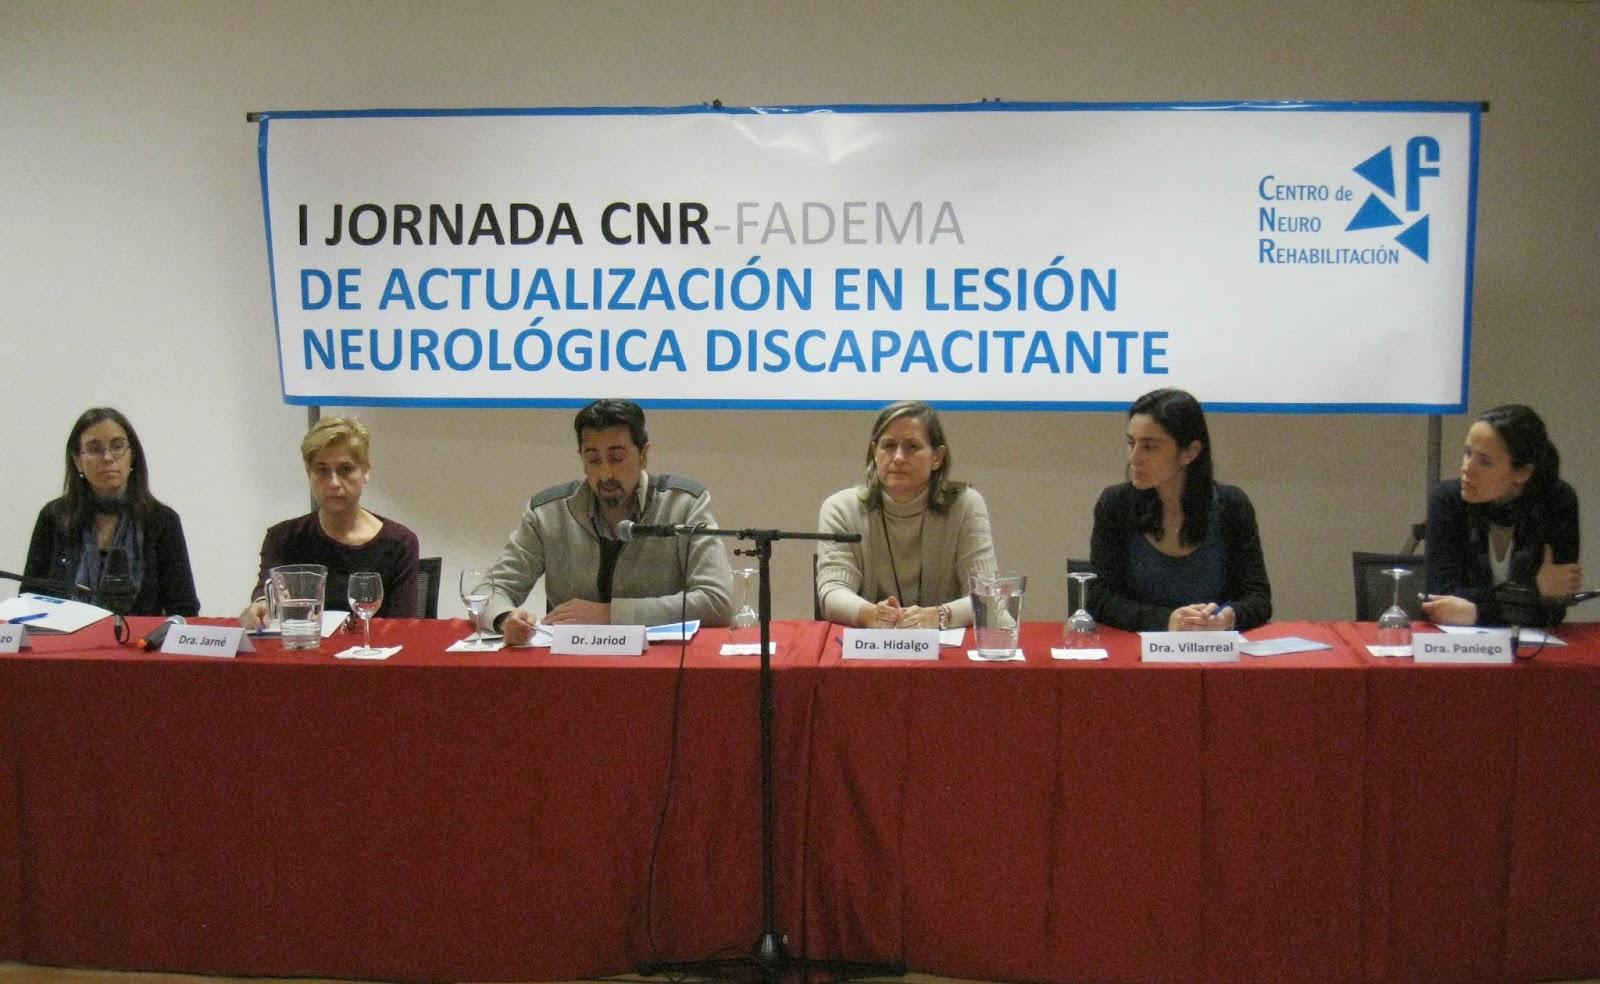 Centro de Neurorehabilitación (CNR-Fadema)